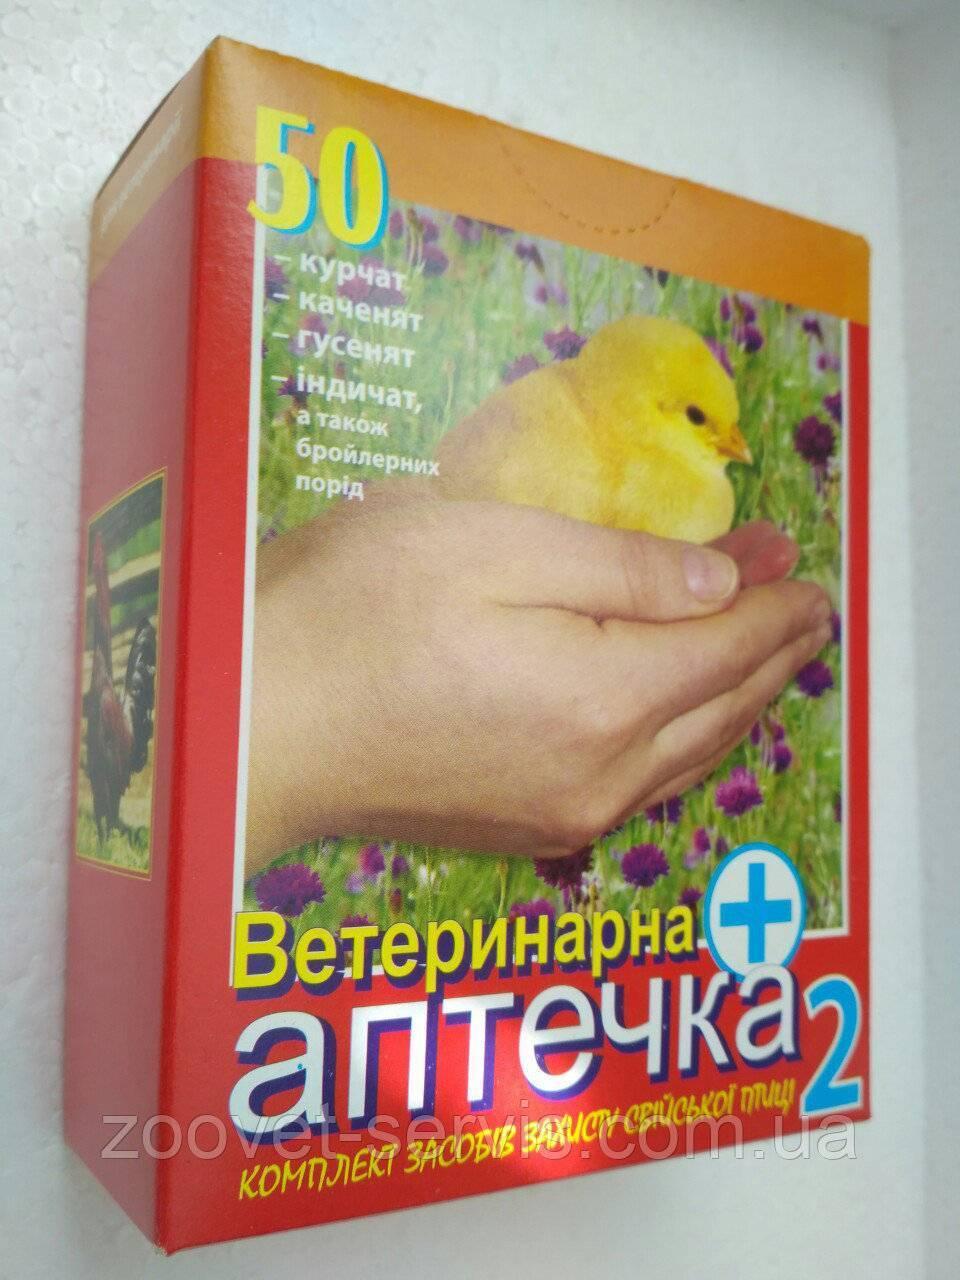 Ветеринарная аптечка для цыплят бройлеров - общая информация - 2020